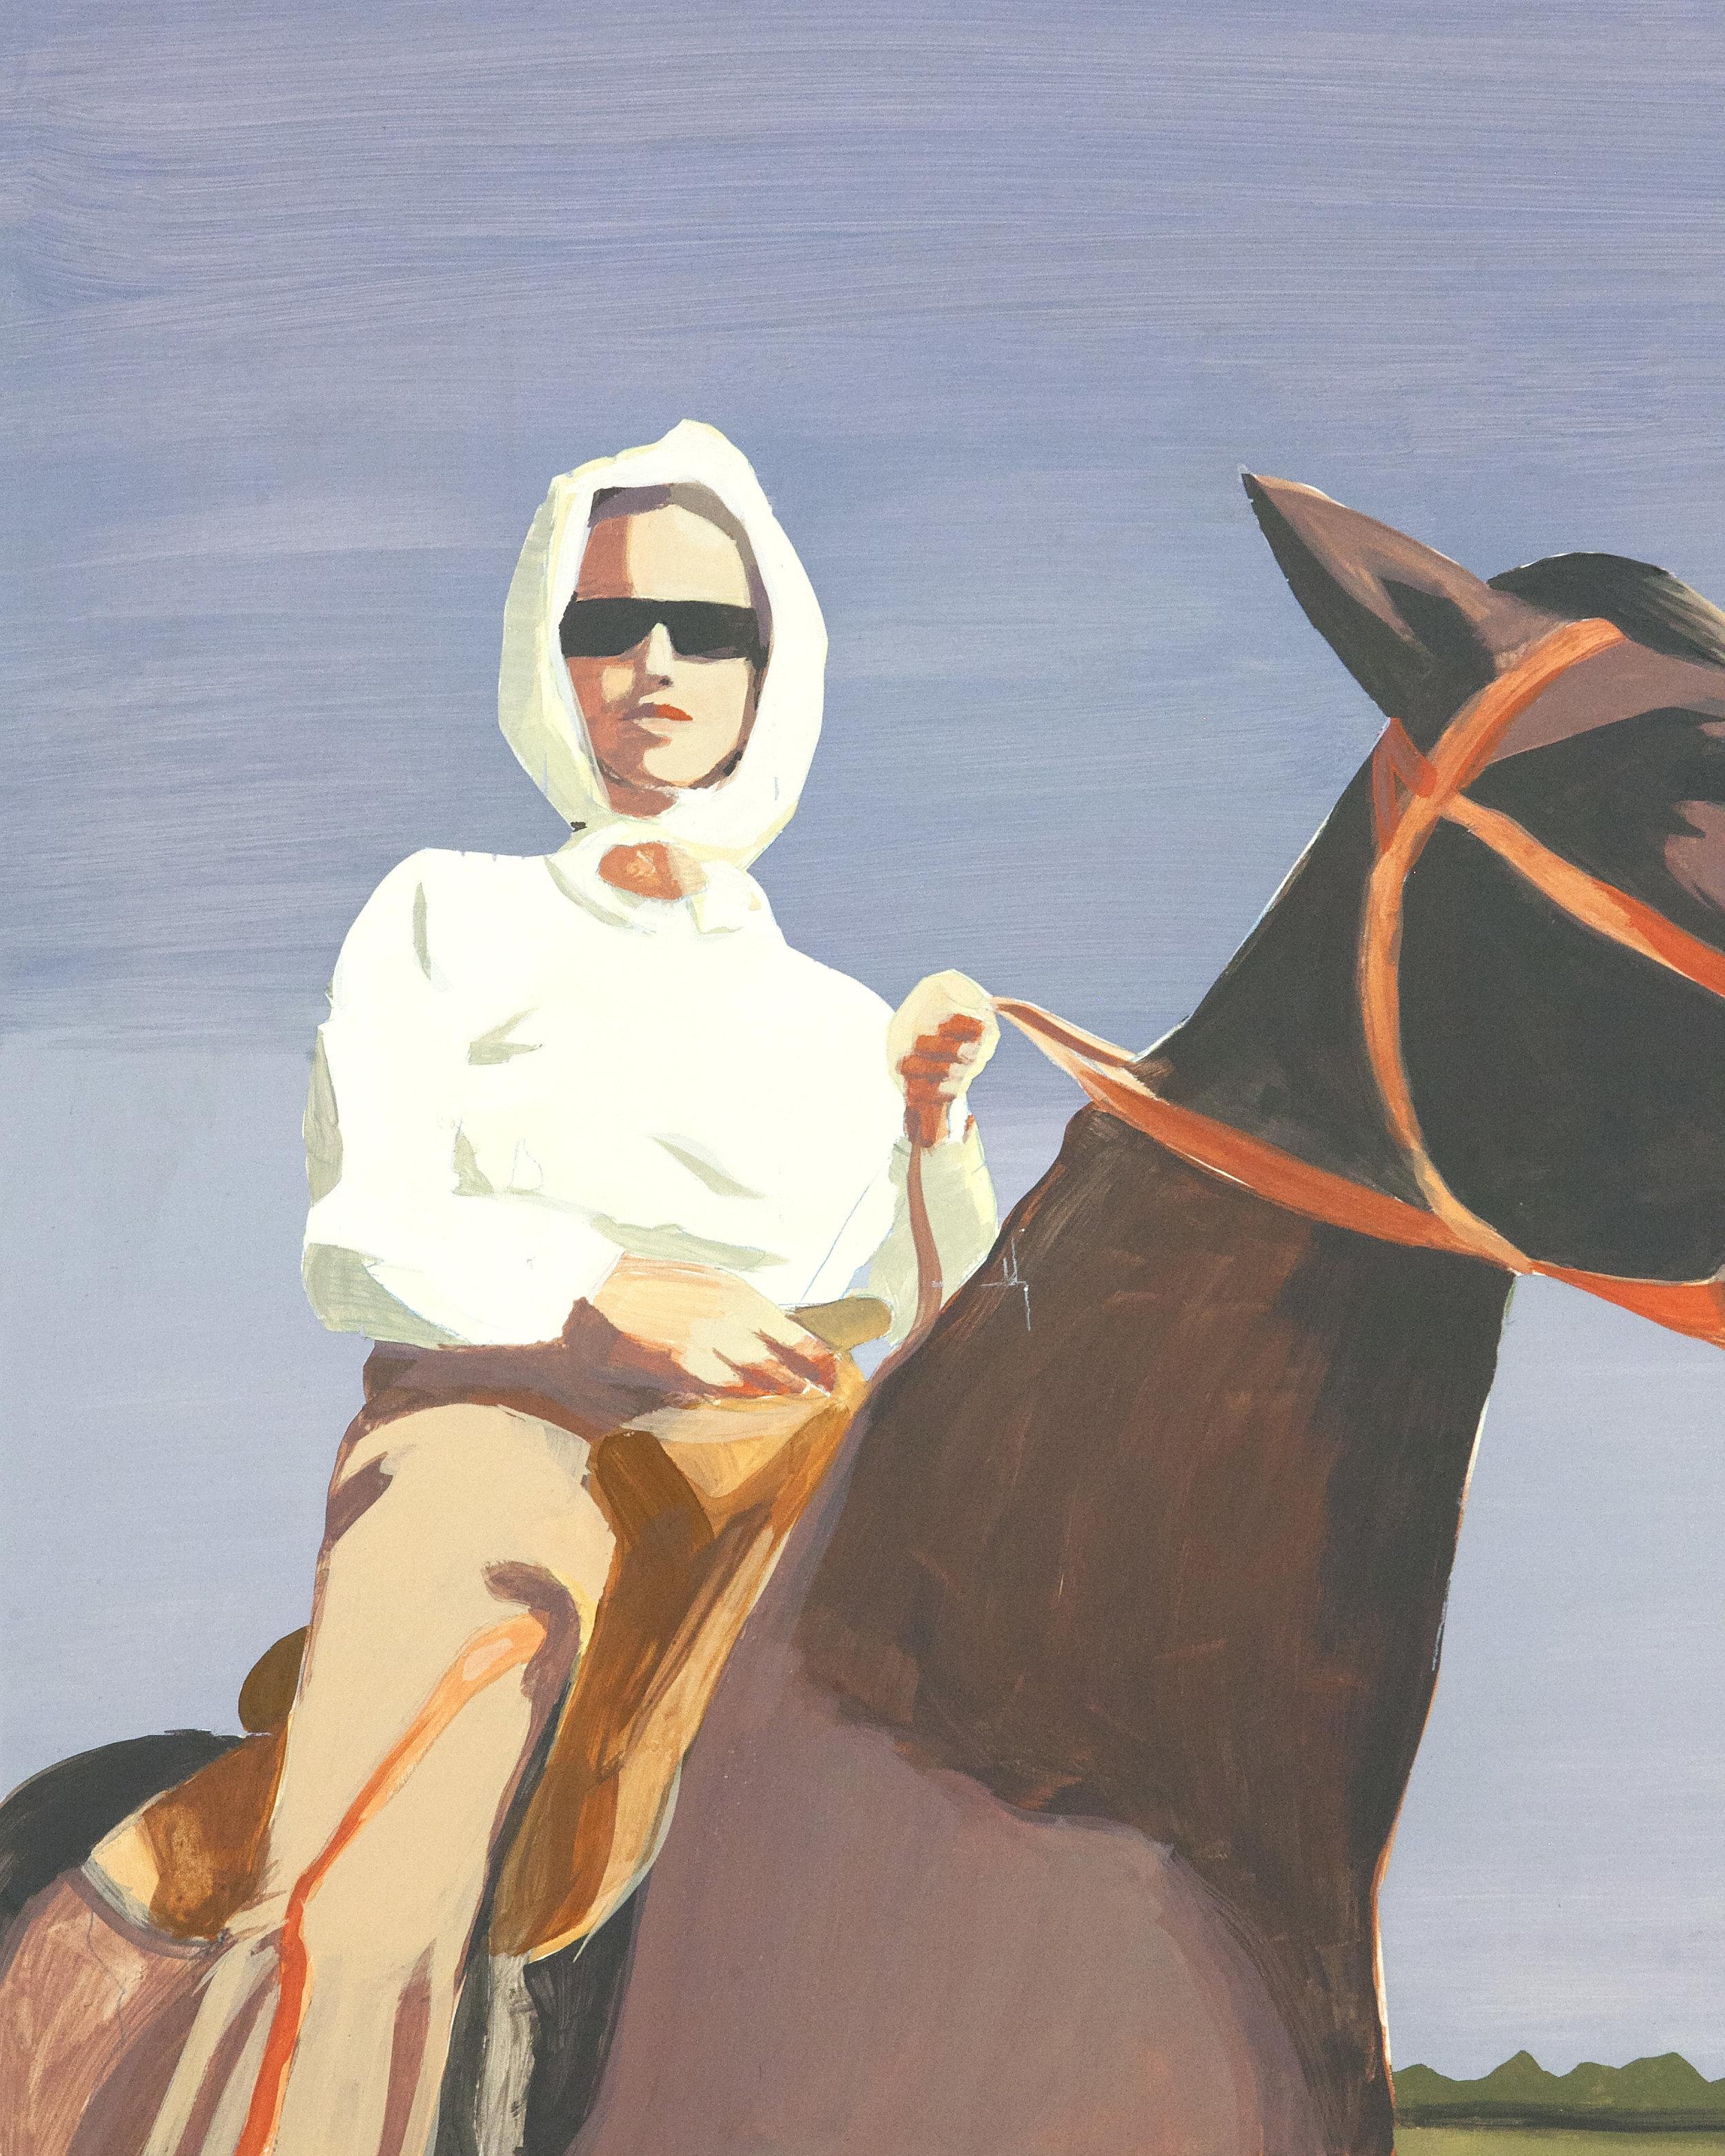 mollybounds_horserider_1.jpg